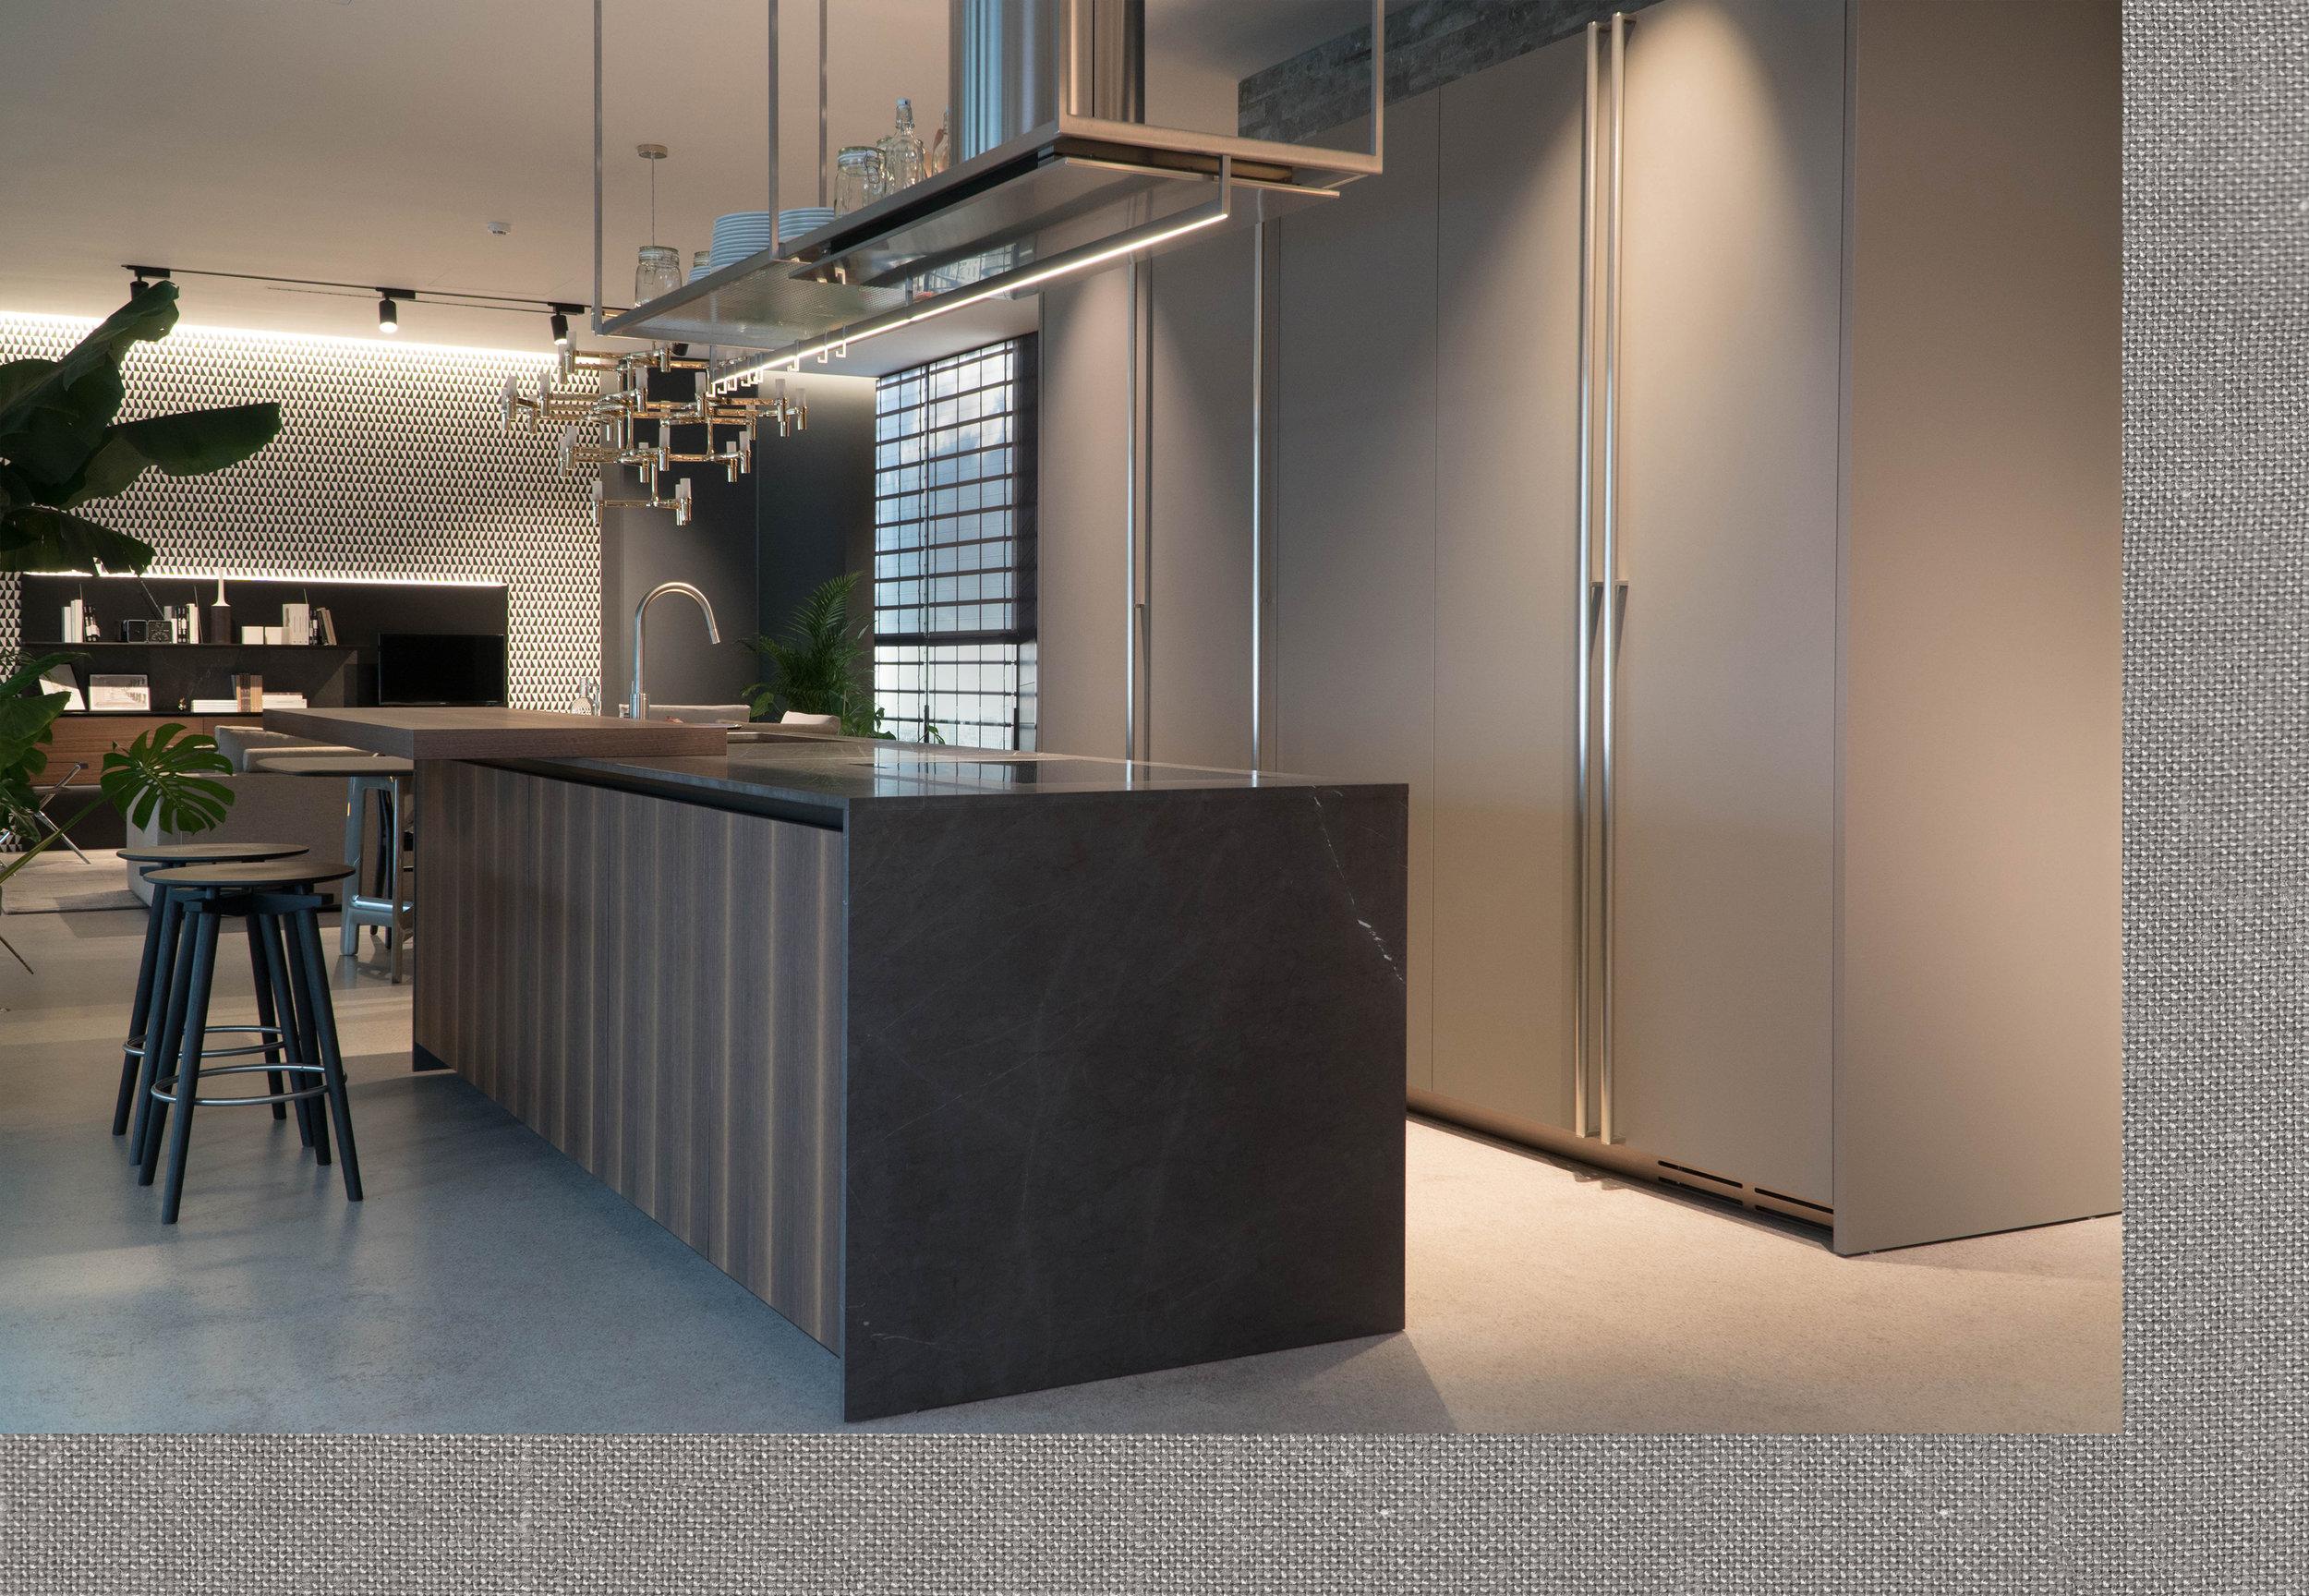 - Smo več kot le razstavni prostor za pohištvo. Smo soustvarjalci vašega prostora.Izkušnje, strokovnost, zaposleni arhitekti ter močna ekipa ponudnikov storitev izvedbenih del nam omogočajo, da ujamemo in izpolnimo vaša pričakovanja. Na enem mestu najdete od zasnove in do končne izvedbe ureditve prostora in notranje opreme.